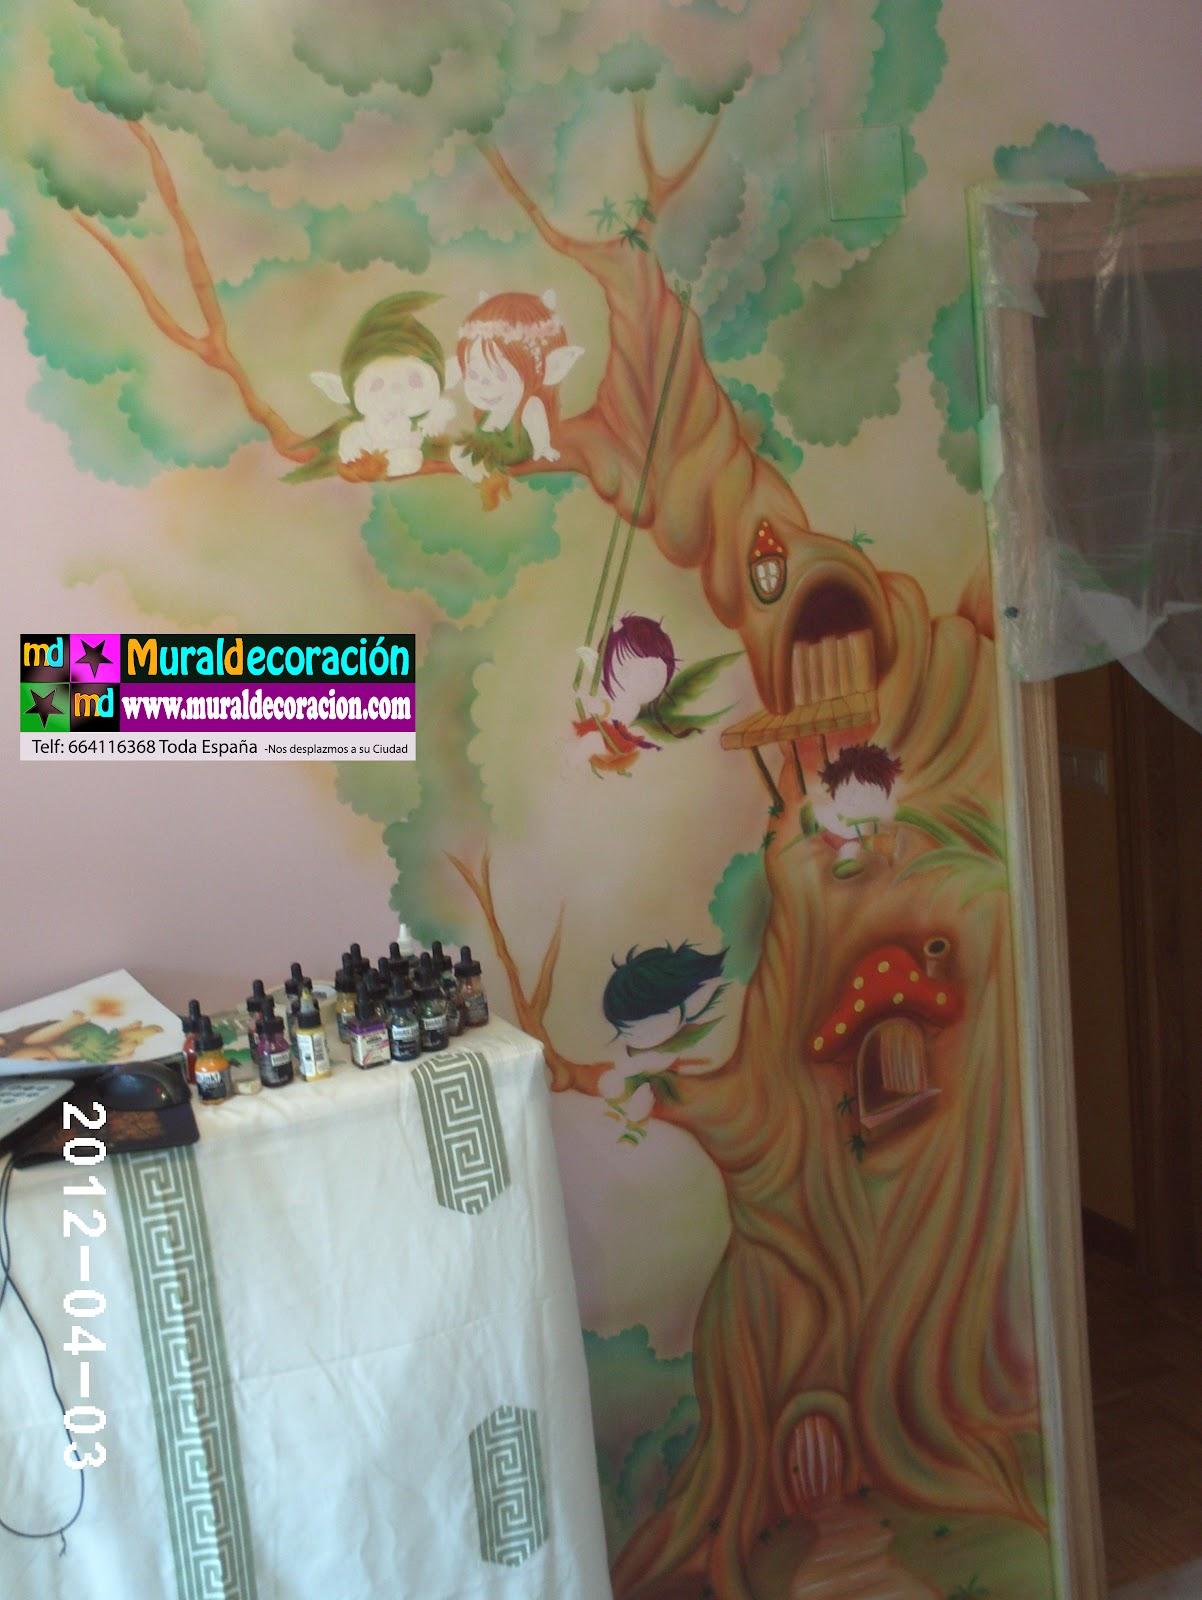 Murales infantiles toread duendes del bosque en mural for Murales infantiles pared